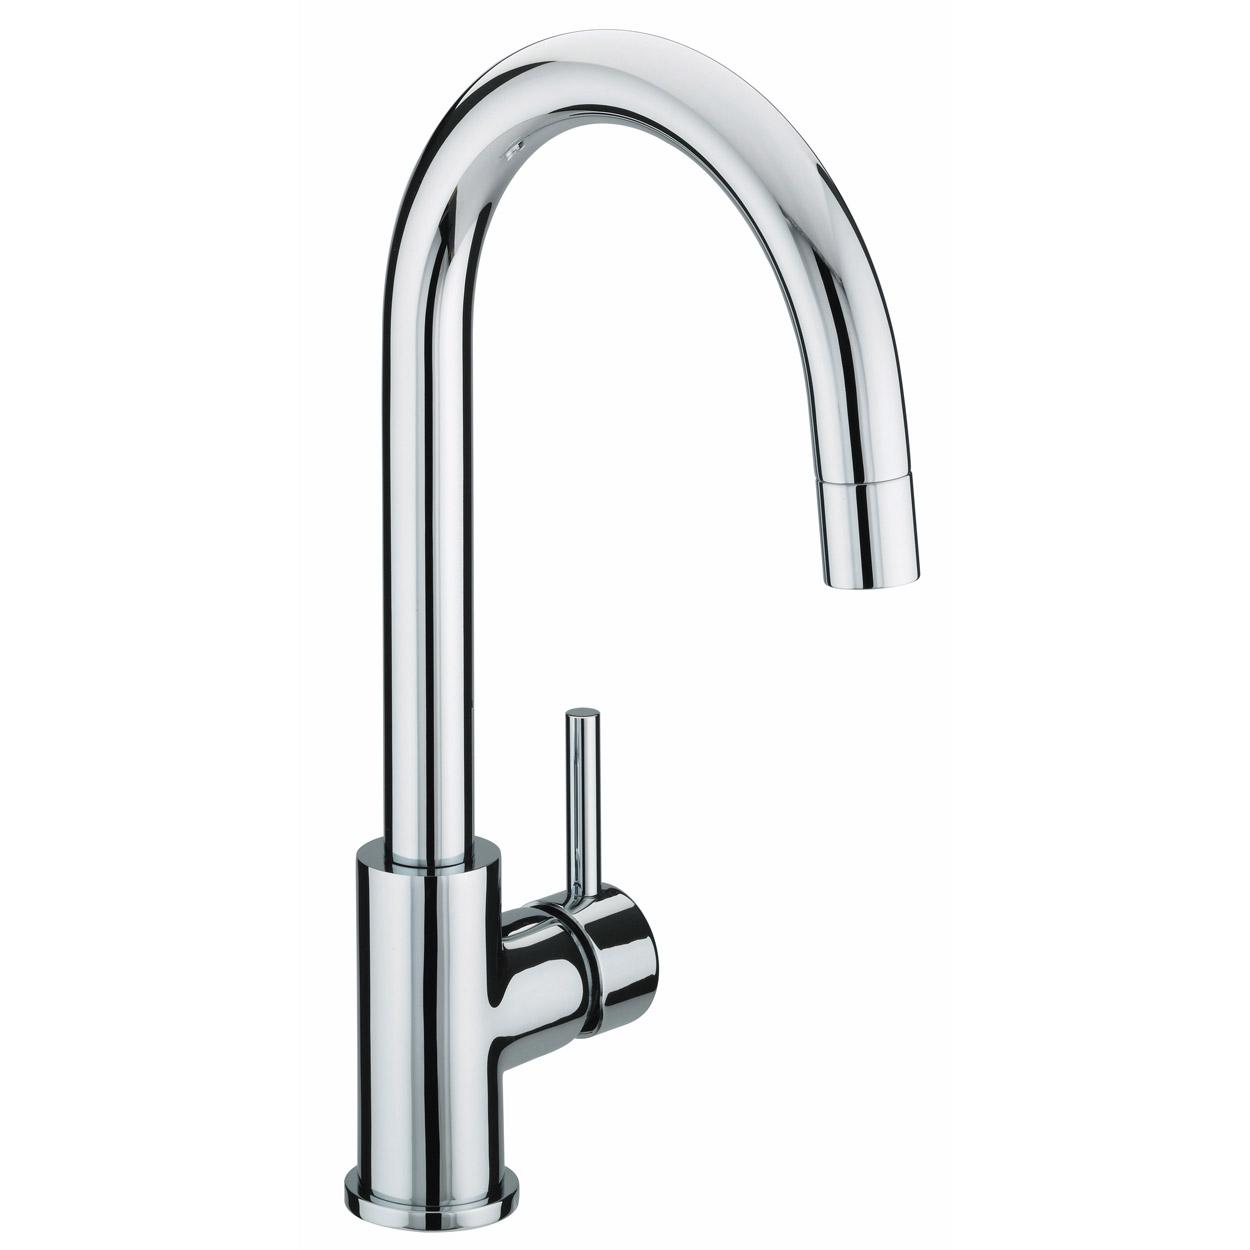 Bristan Prism Mono Kitchen Sink Mixer Tap, Single Handle, Chrome